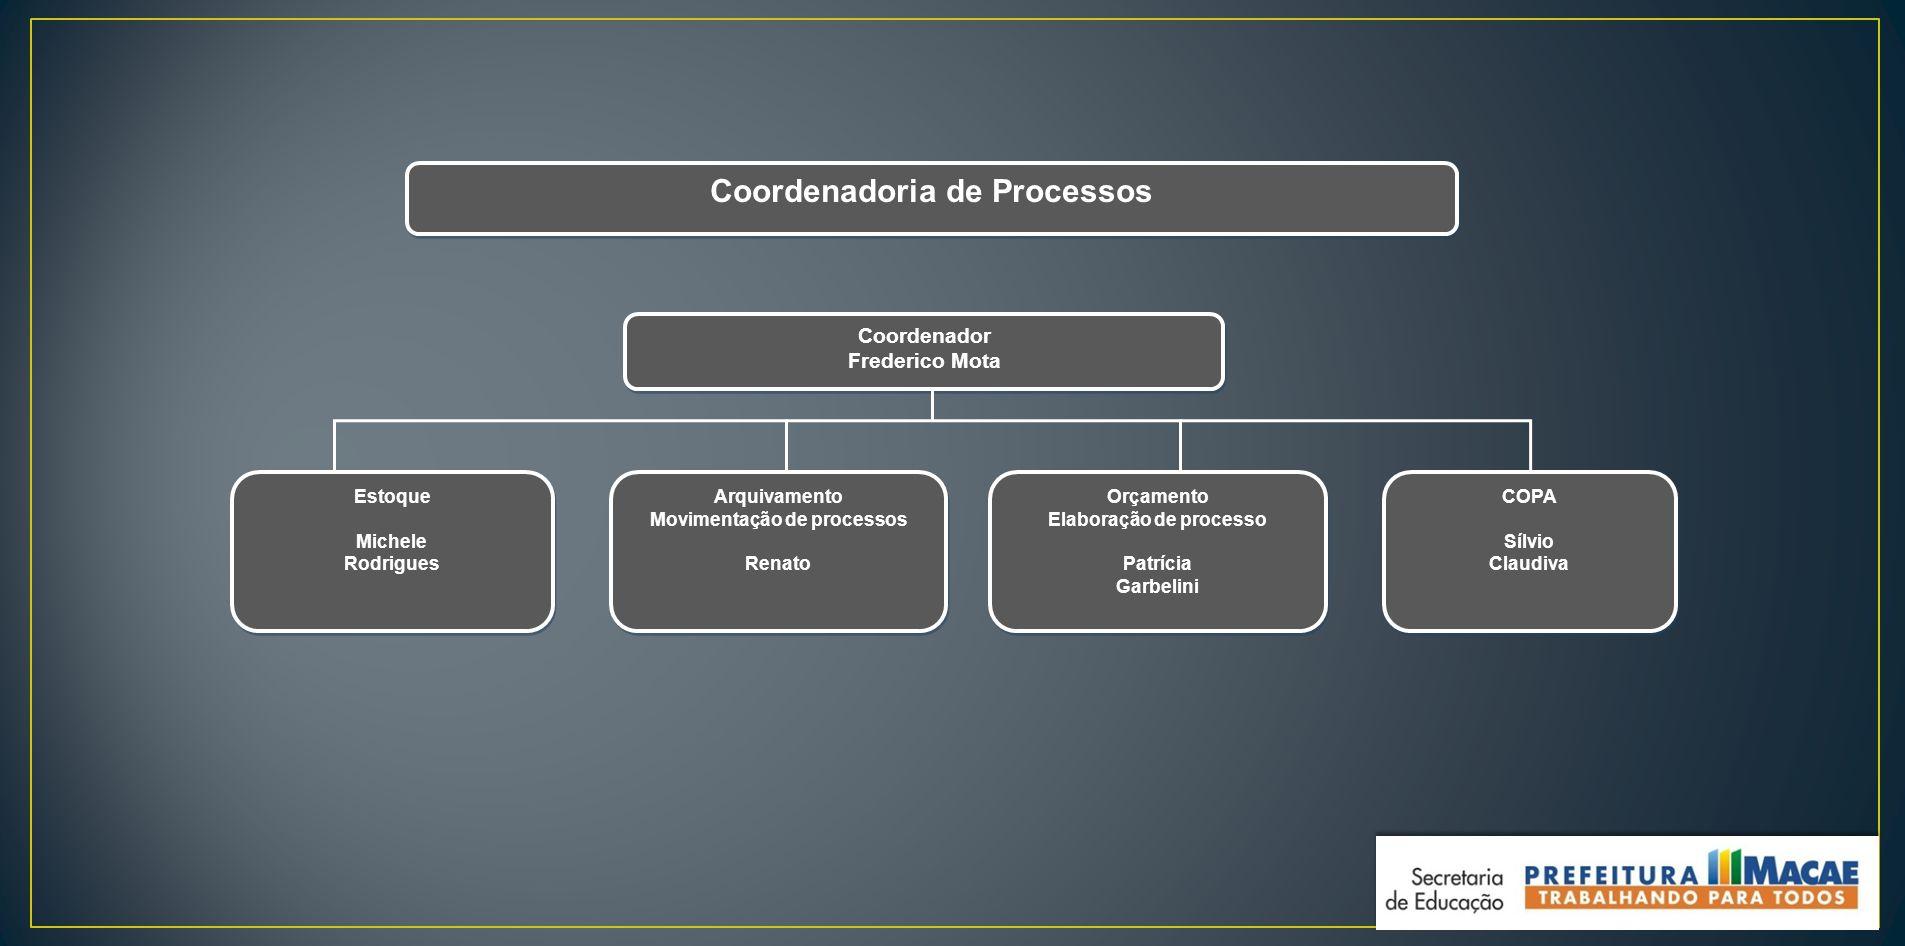 Coordenadoria de Processos Orçamento Elaboração de processo Patrícia Garbelini Orçamento Elaboração de processo Patrícia Garbelini Estoque Michele Rod